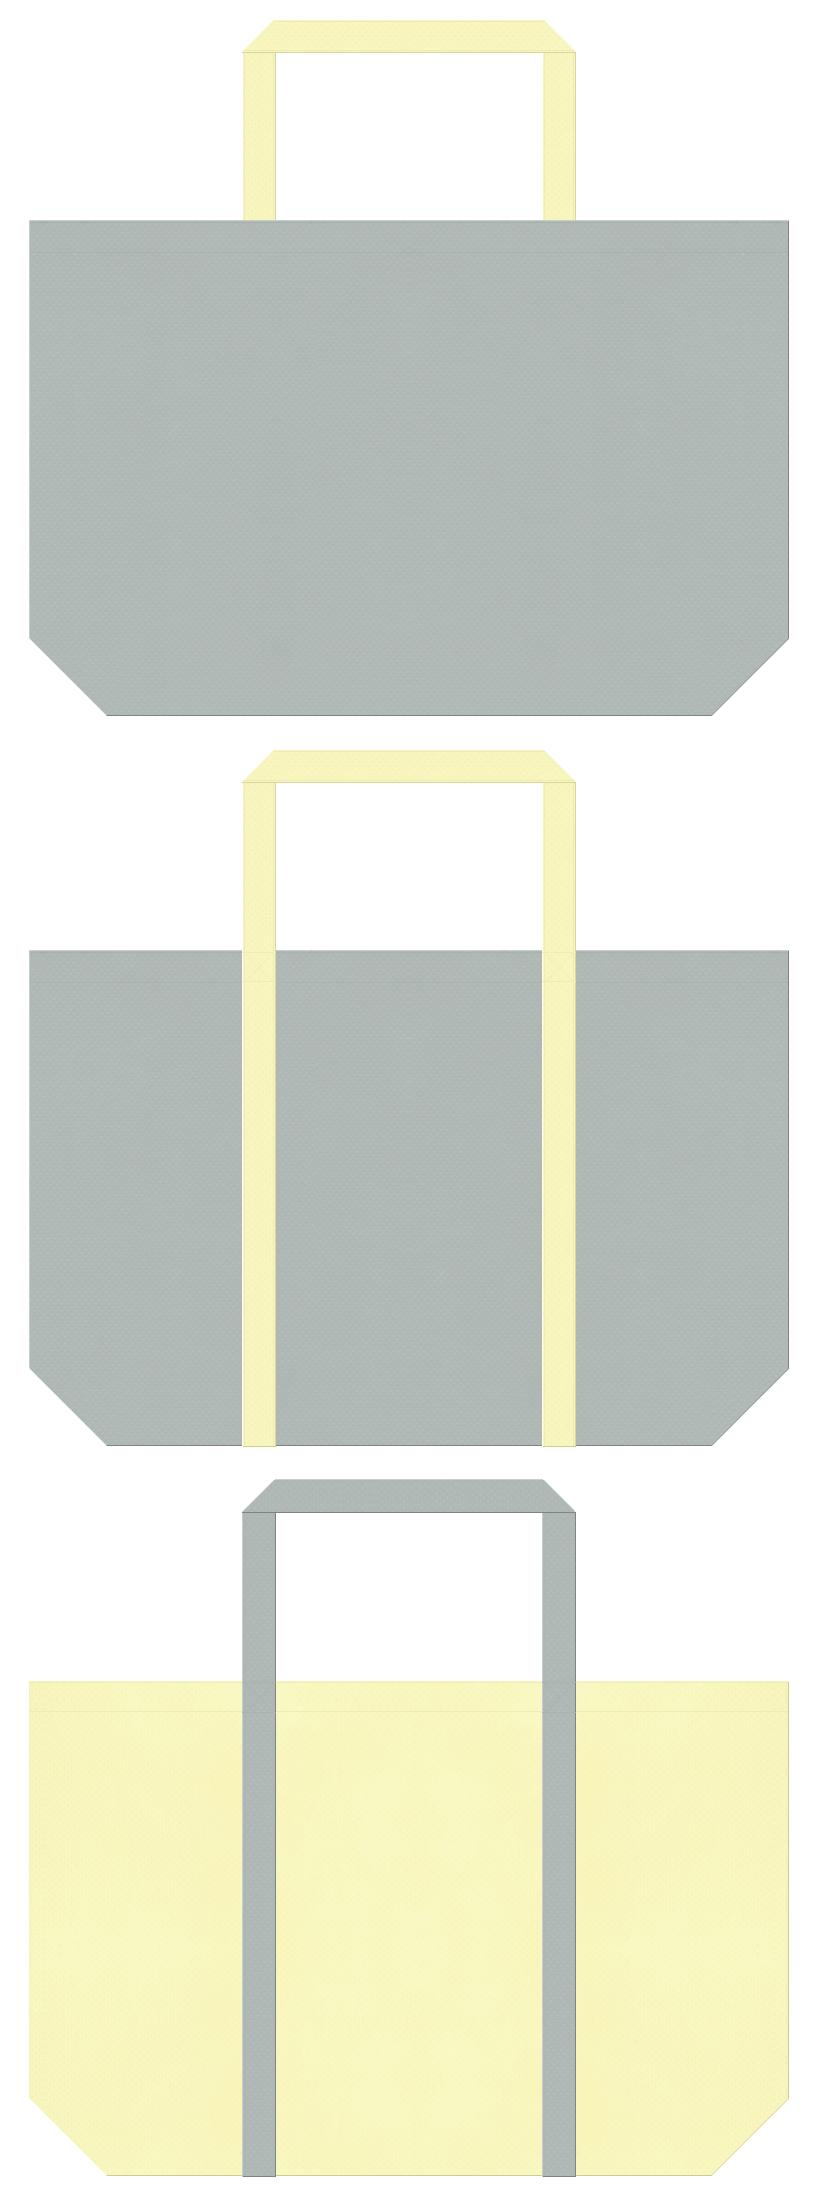 オフィス用品のバッグノベルティにお奨めのコーデ。グレー色と薄黄色の不織布エコバッグのデザイン。